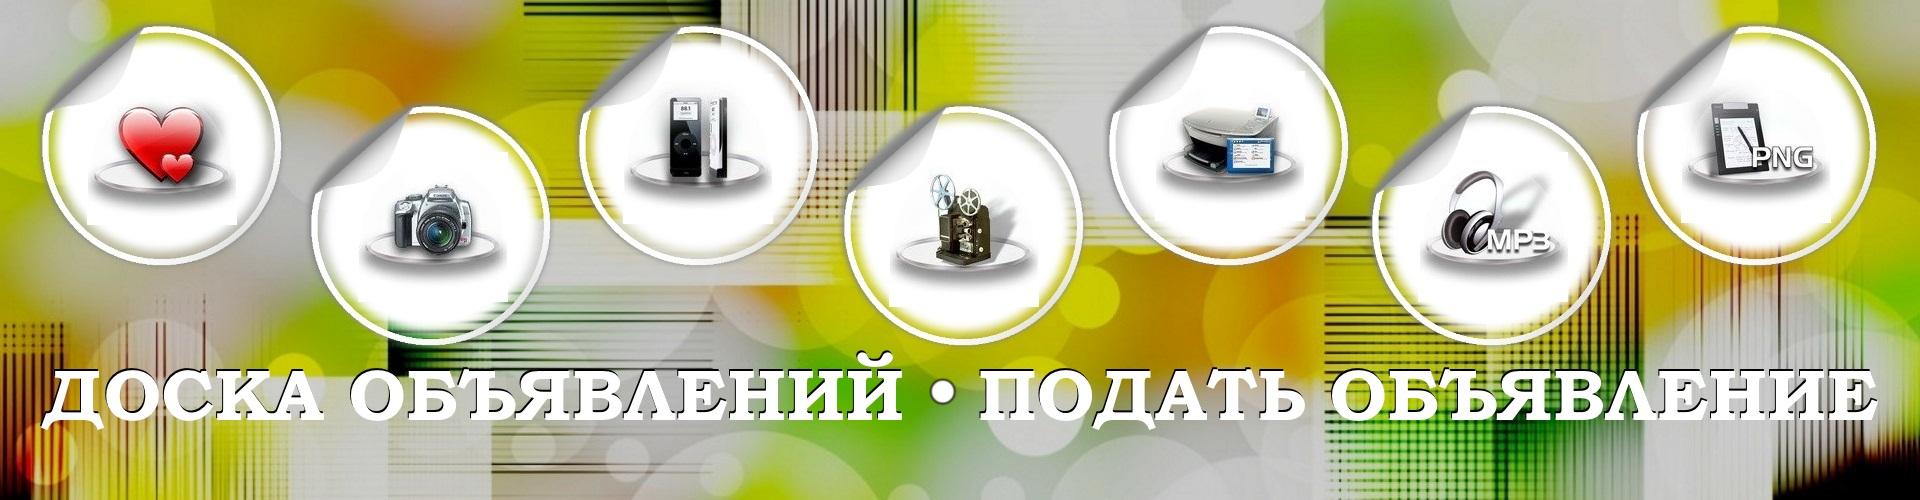 baner-doska-obyavleniy